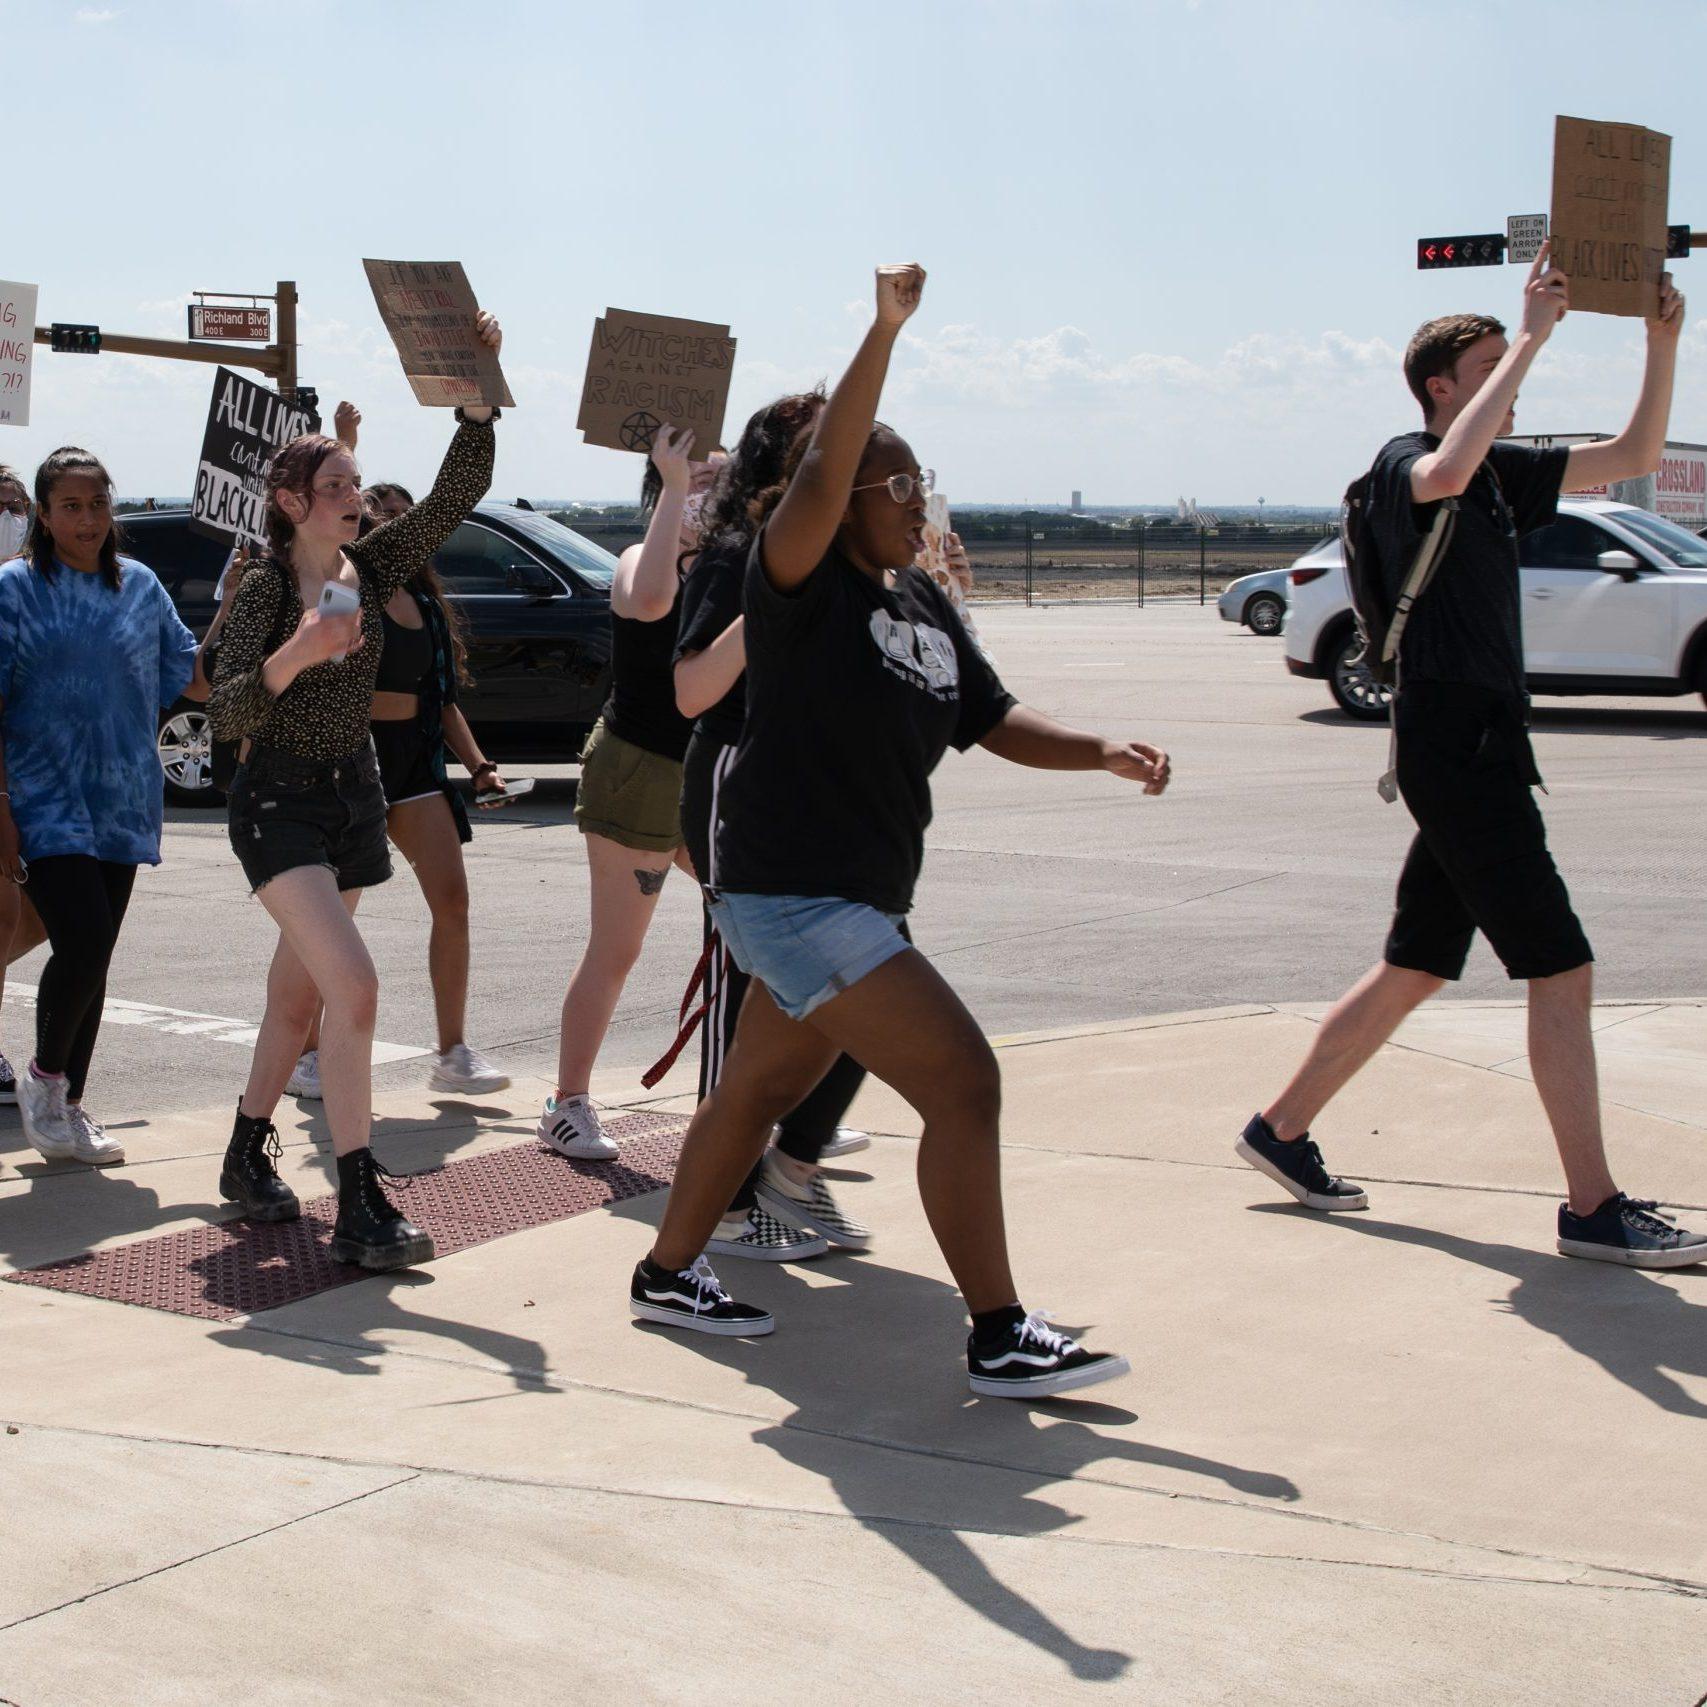 Prosper protest for Black Lives Matter